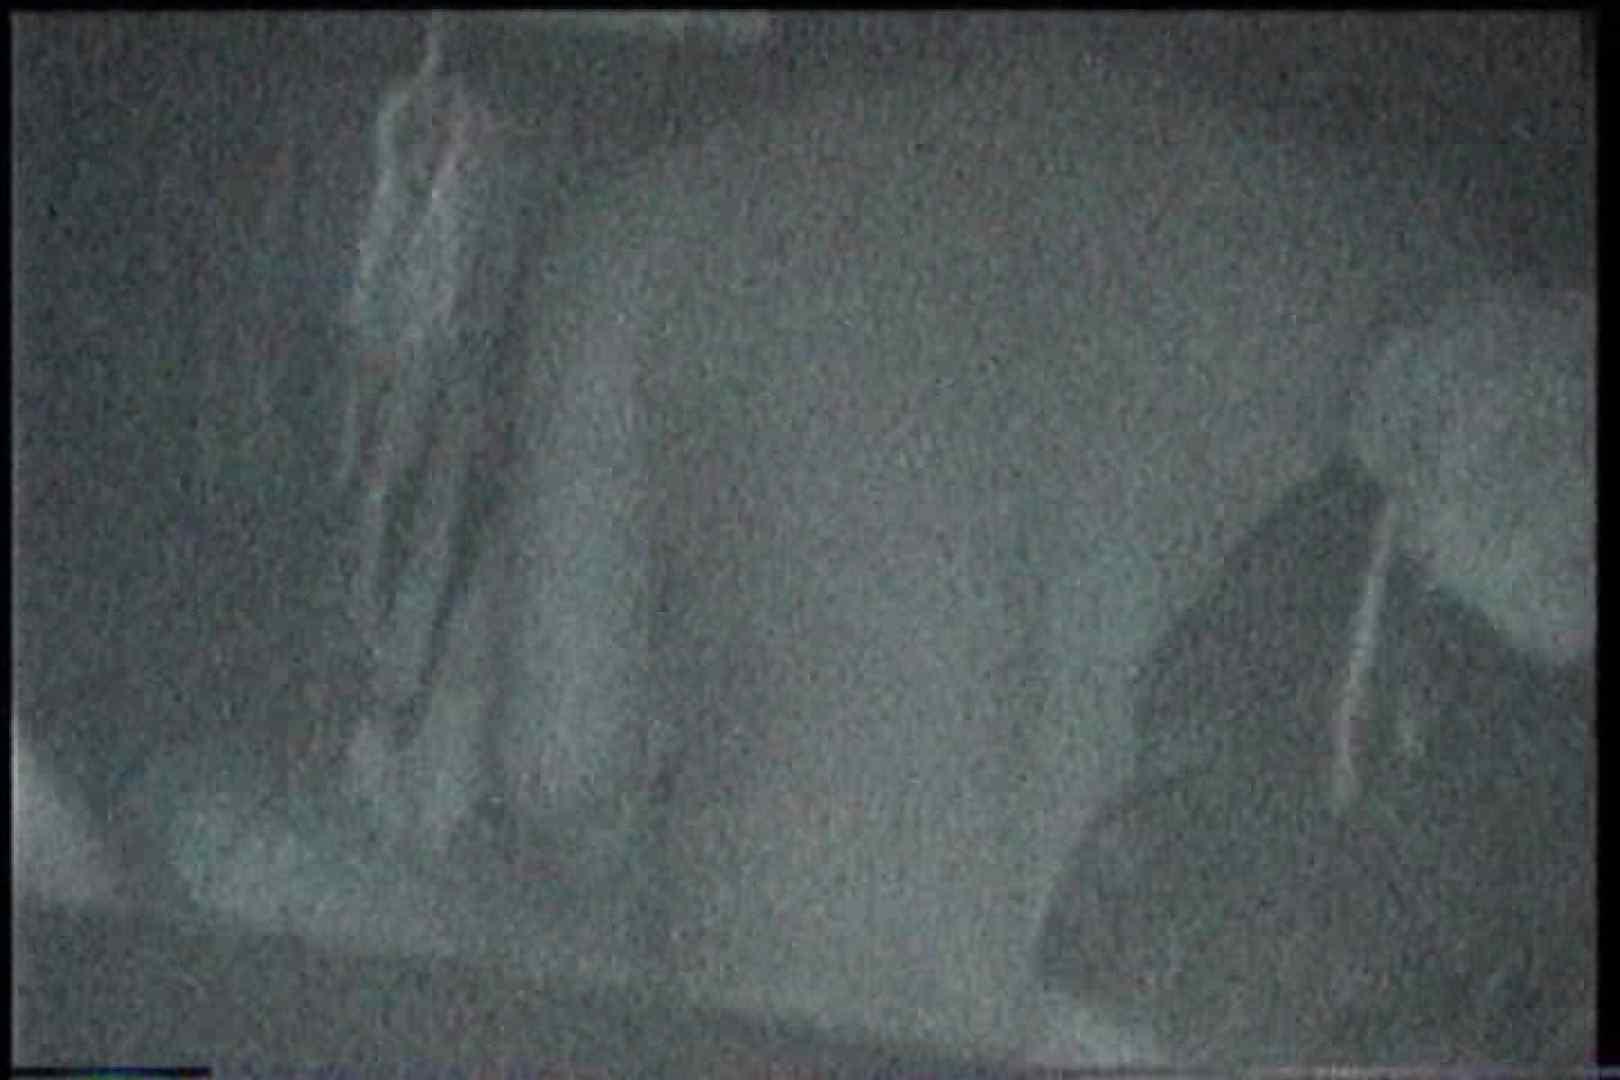 充血監督の深夜の運動会Vol.191 OLエロ画像  105PICs 66